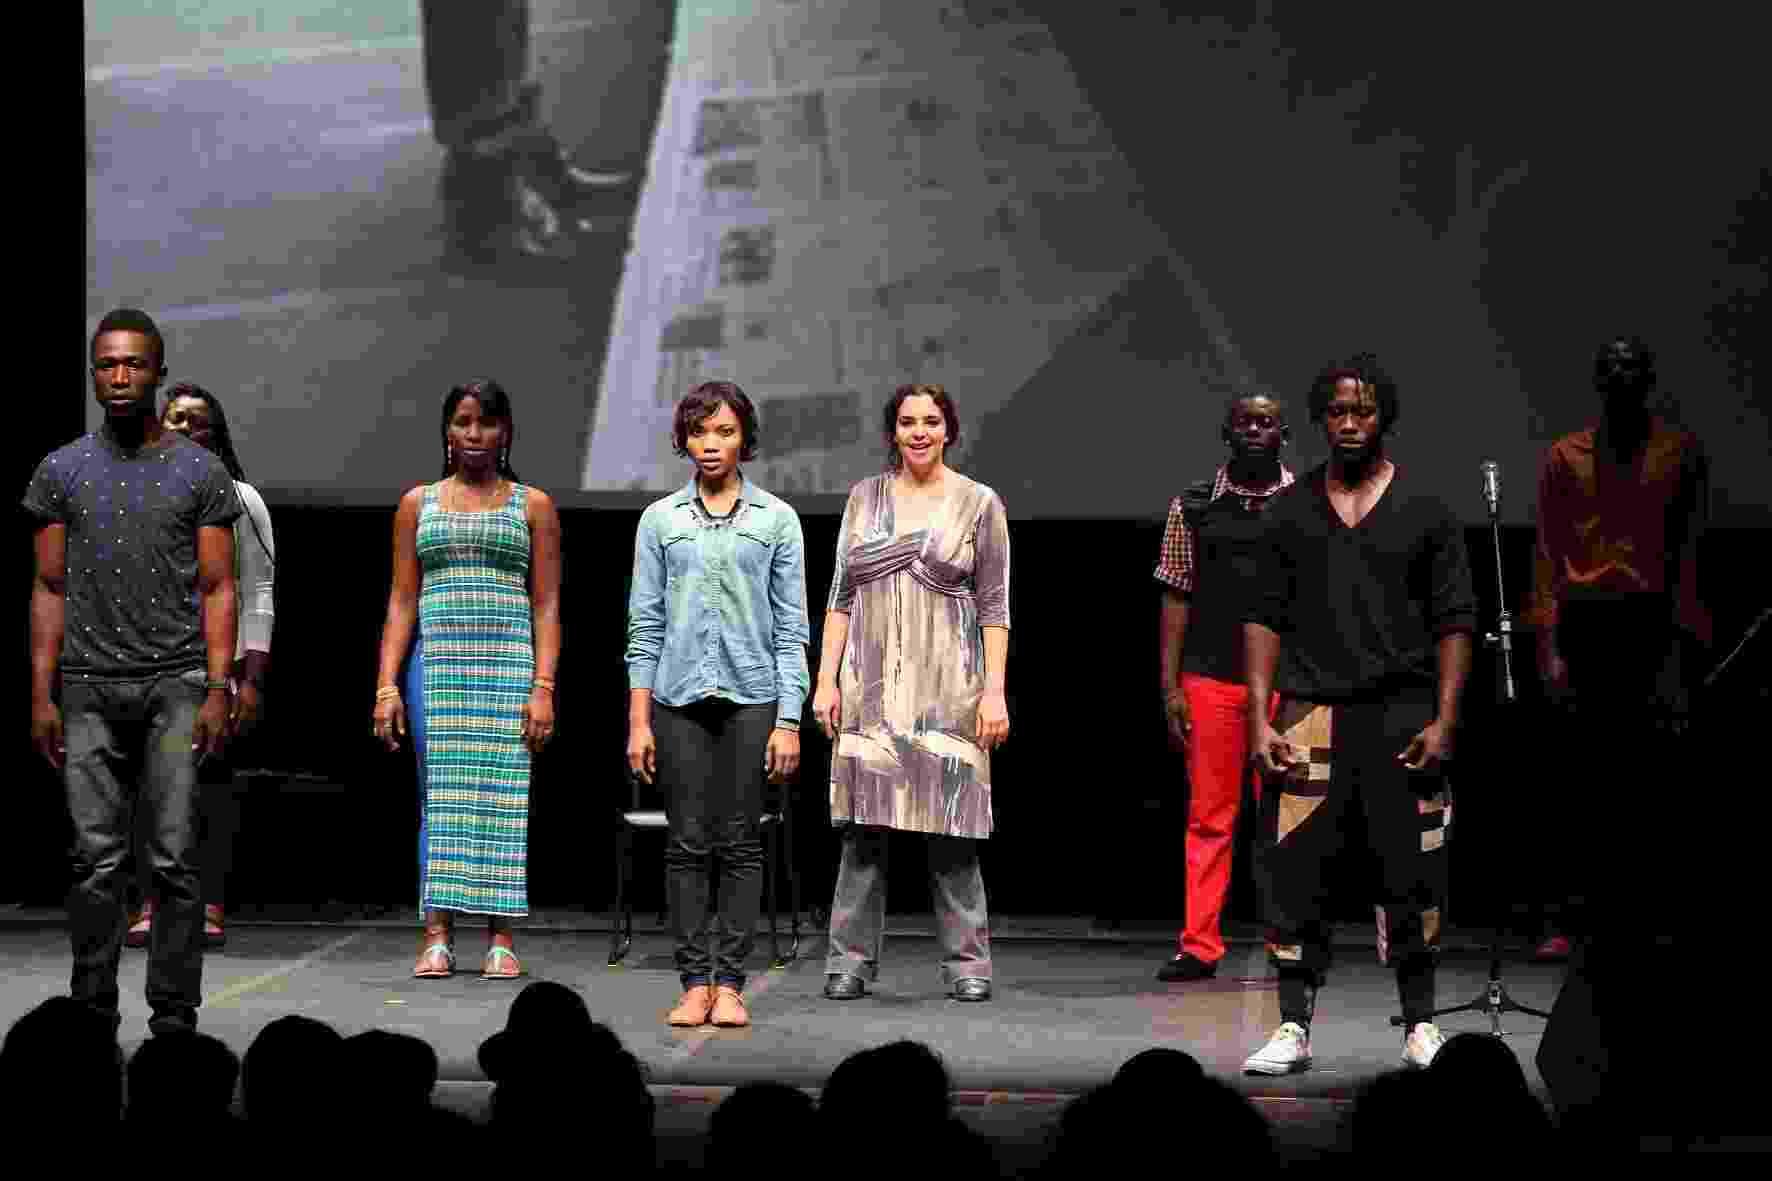 """O elenco da peça """"Cidade Vodu"""", que estreia oficialmente em março de 2016 na MitSP (Mostra Internacional de Teatro de São Paulo) - Ivson Miranda"""